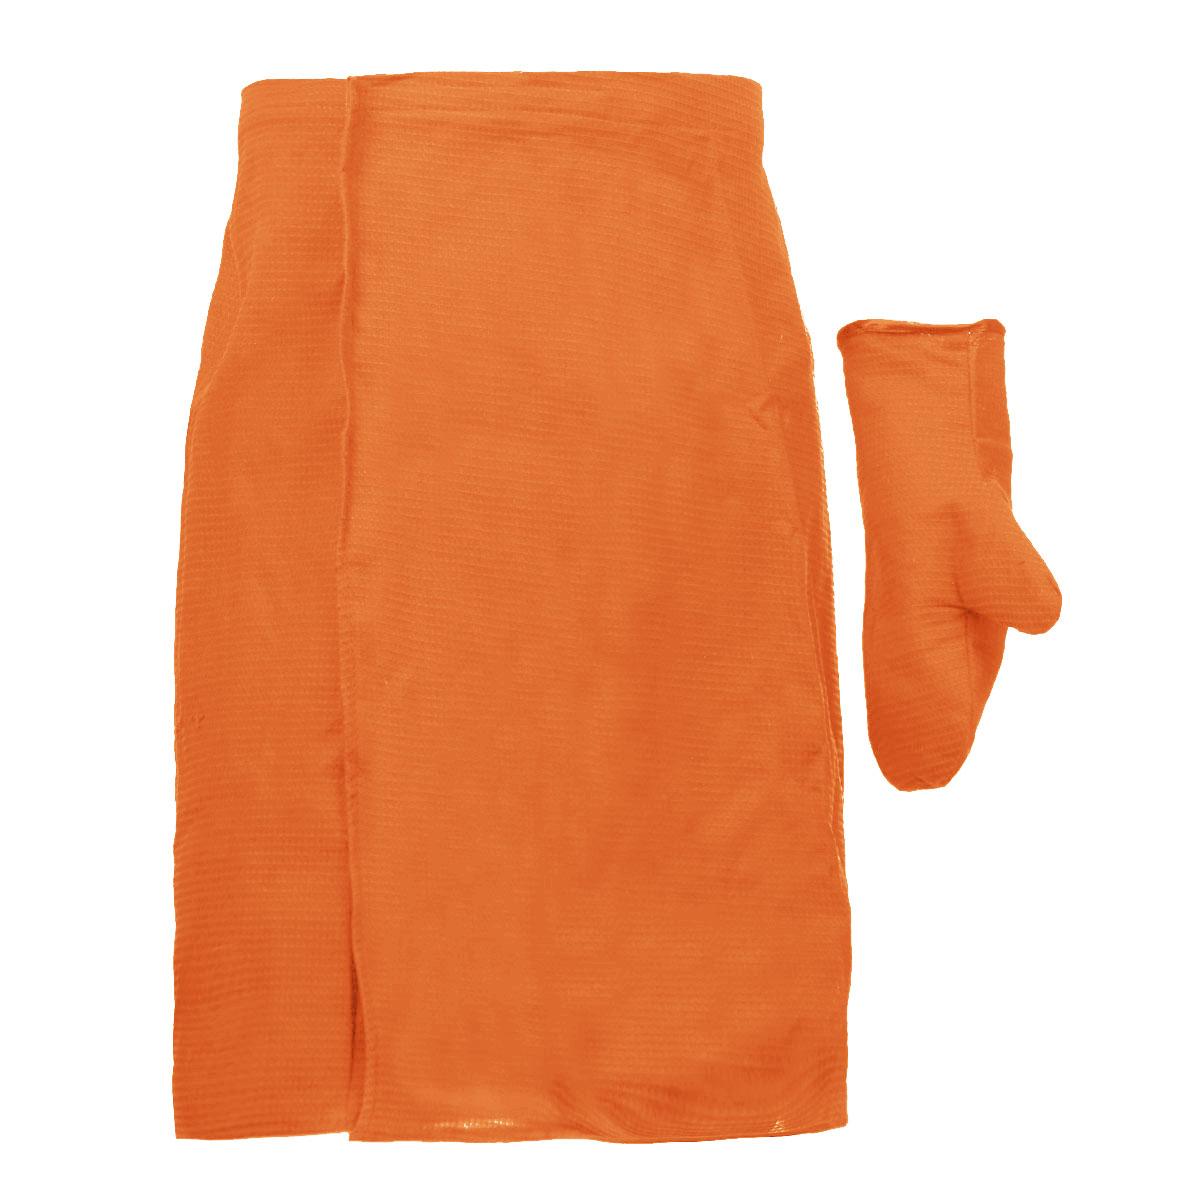 Комплект для бани и сауны Банные штучки, мужской, цвет: оранжевый, 2 предмета. 32064C0042416Комплект для сауны и бани Банные штучки изготовлен из натурального, хорошо впитывающего влагу хлопка. Комплект состоит из однотонной вафельной накидки и рукавицы.Накидка специального кроя снабжена резинкой и застежкой-липучкой. Имеет универсальный размер. В парилке можно лежать на ней, после душа вытираться. Рукавица защитит ваши руки от ожогов, может использоваться для массажа тела. Комплект создан для активных и уверенных в себе людей. Отдых в сауне или бане - это полезный и в последнее время популярный способ времяпровождения. Комплект Банные штучки обеспечит вам комфорт и удобство. Размер накидки: 60 см х 145 см. Размер рукавицы: 27 см х 18,5 см.